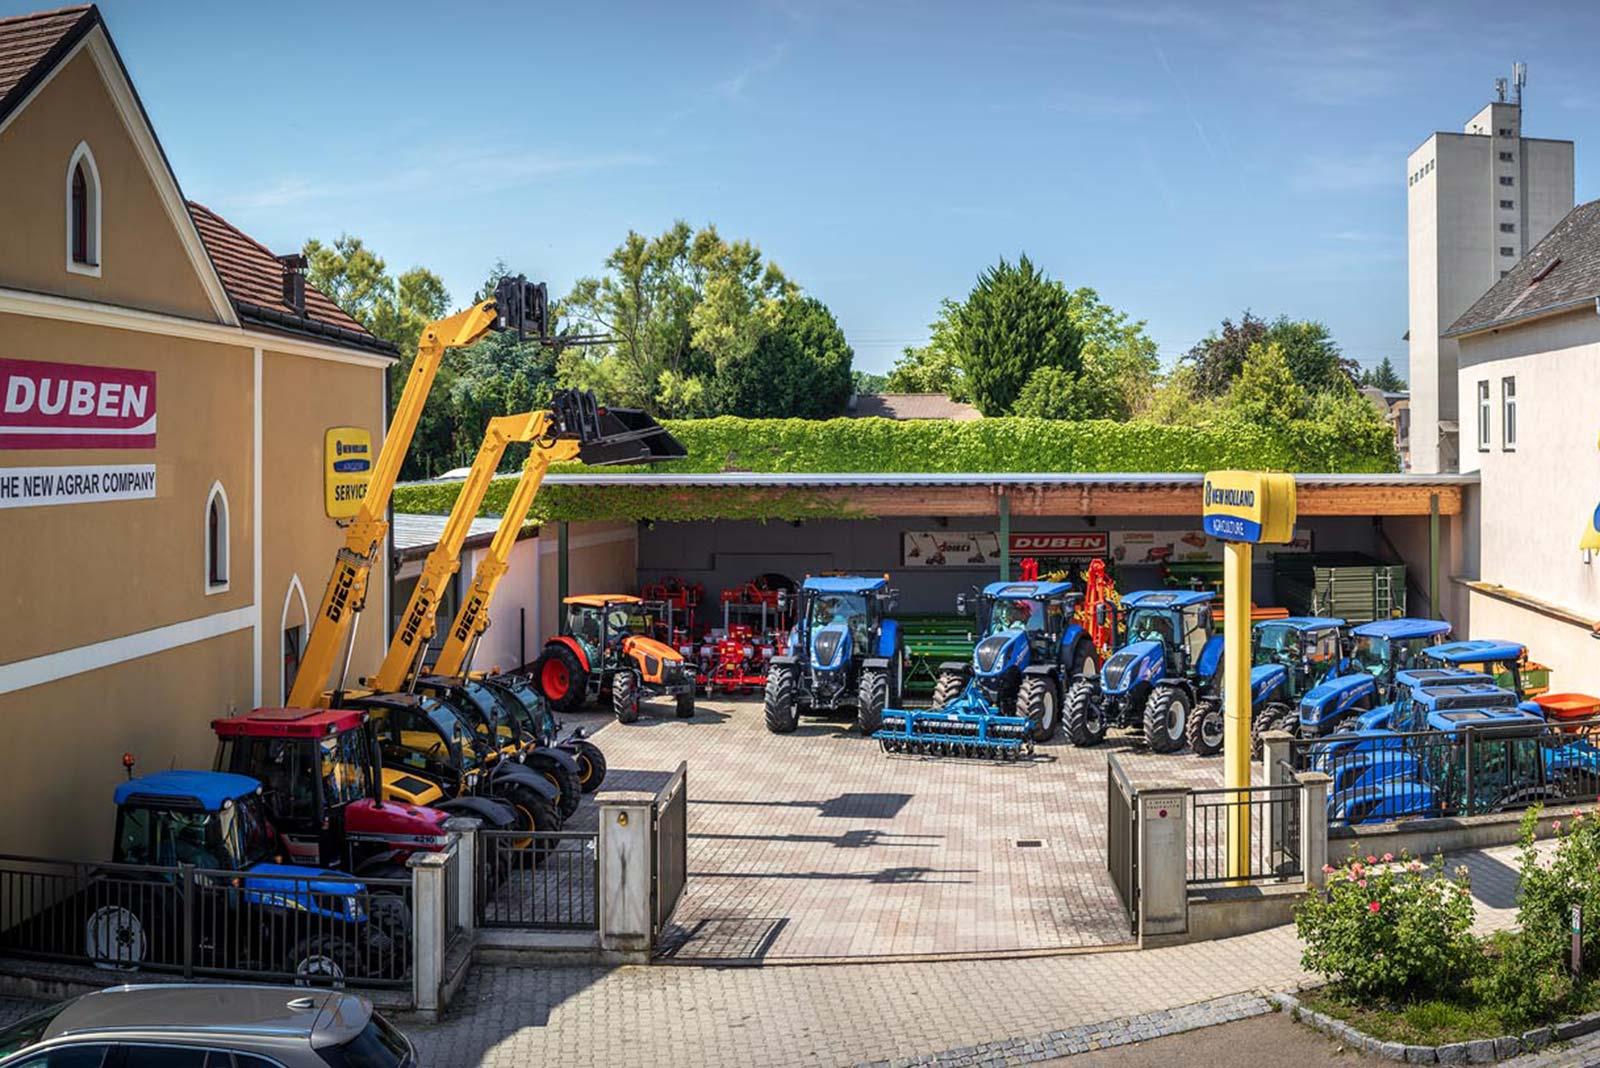 Der Ausstellungsplatz, auf dem regelmäßig die aktuellsten Maschinen besichtigt werden können. © Reinhard Podolsky